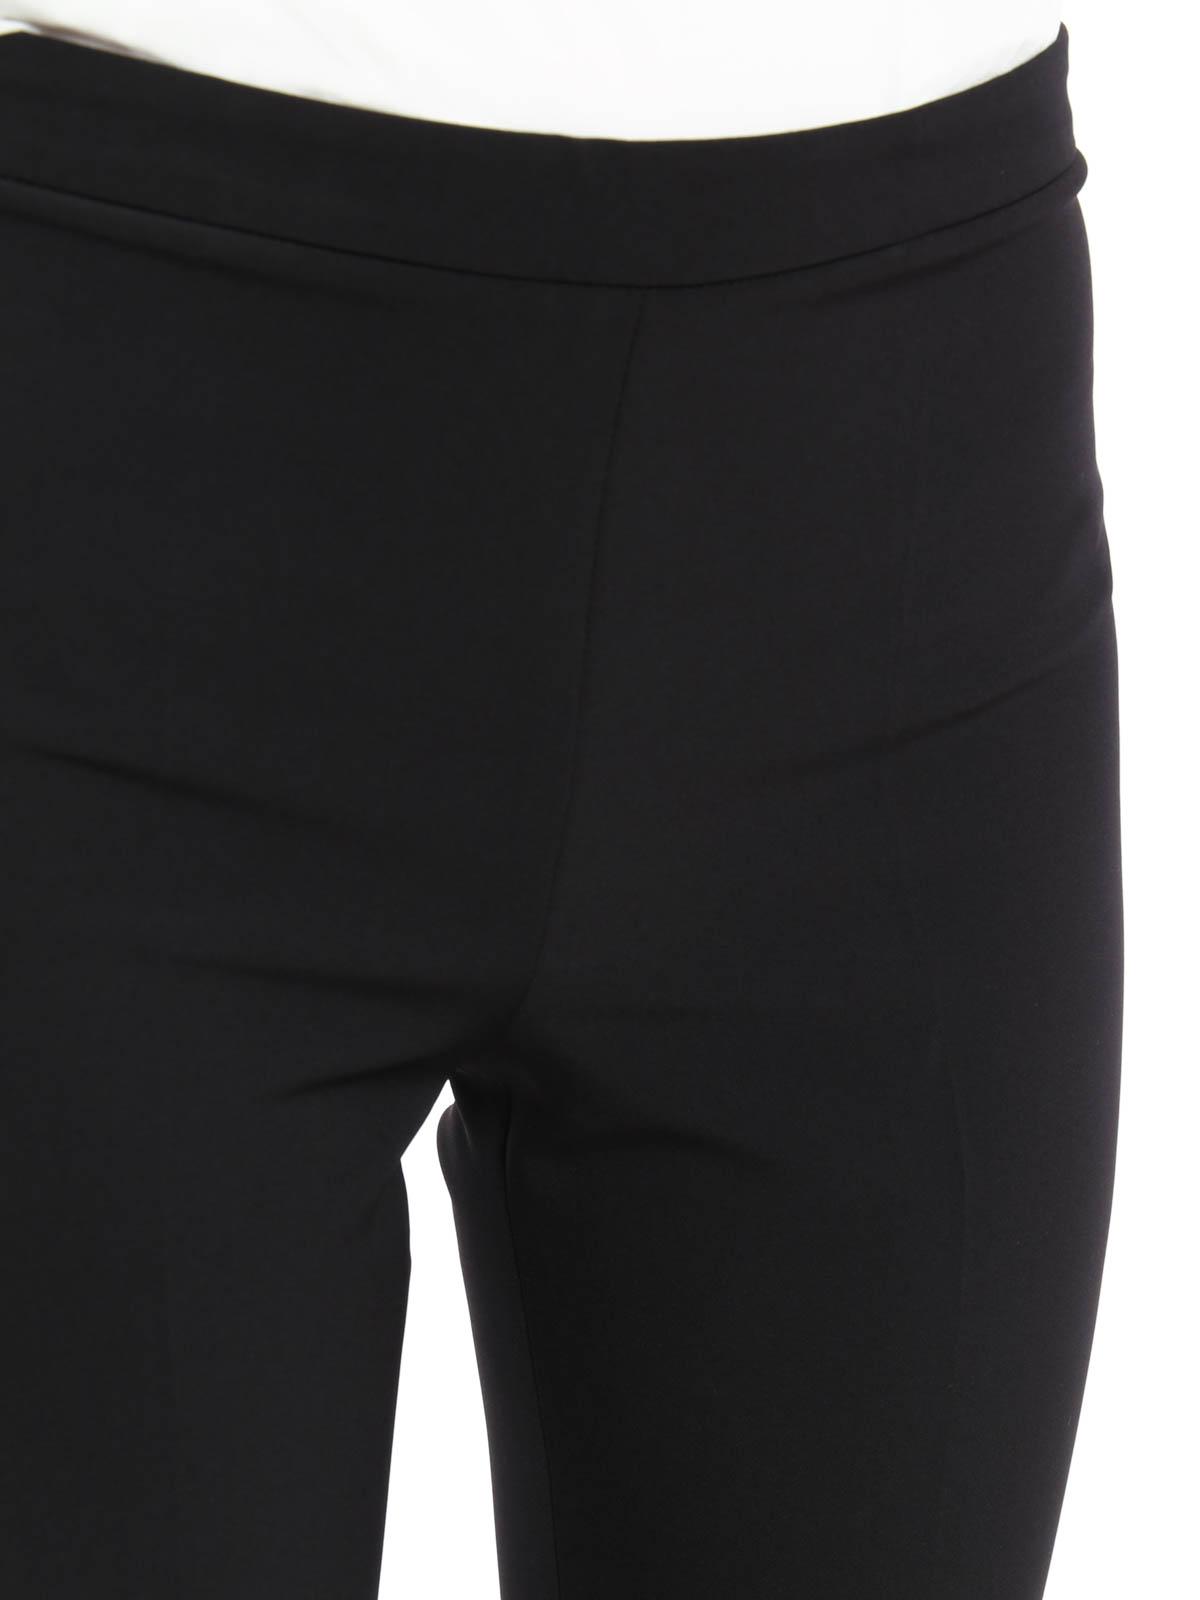 Pantaloni crop in cady PAOLO FIORILLO CAPRI | 40000001 | 31-0476 SN-23070138-019